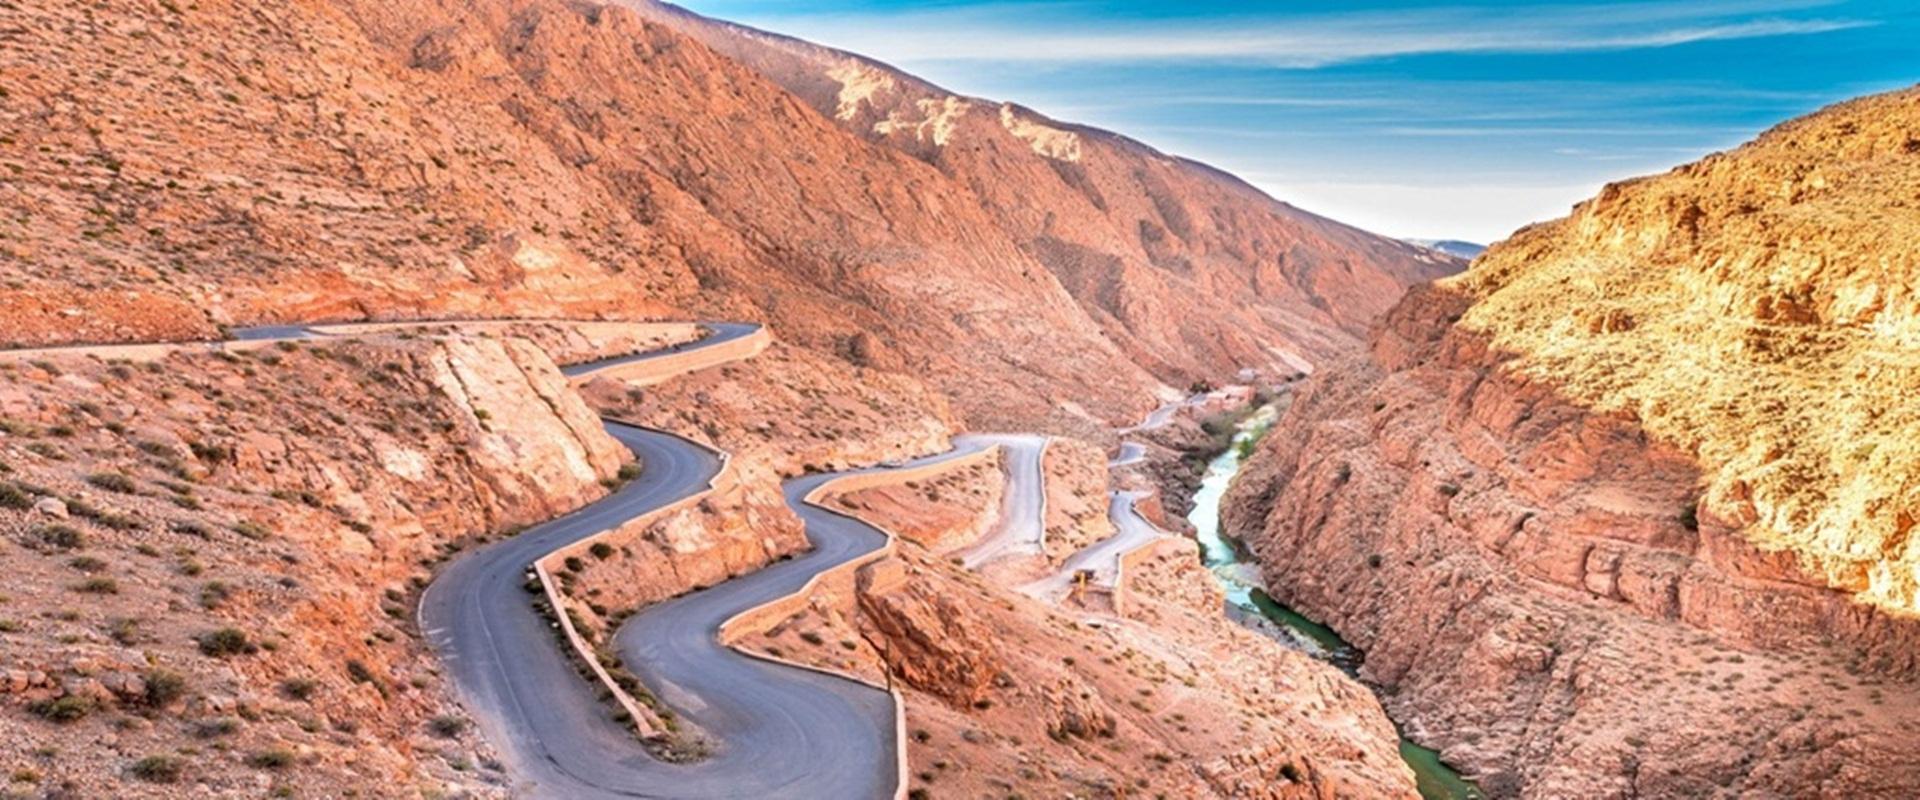 9 Days Desert Tour from Marrakech